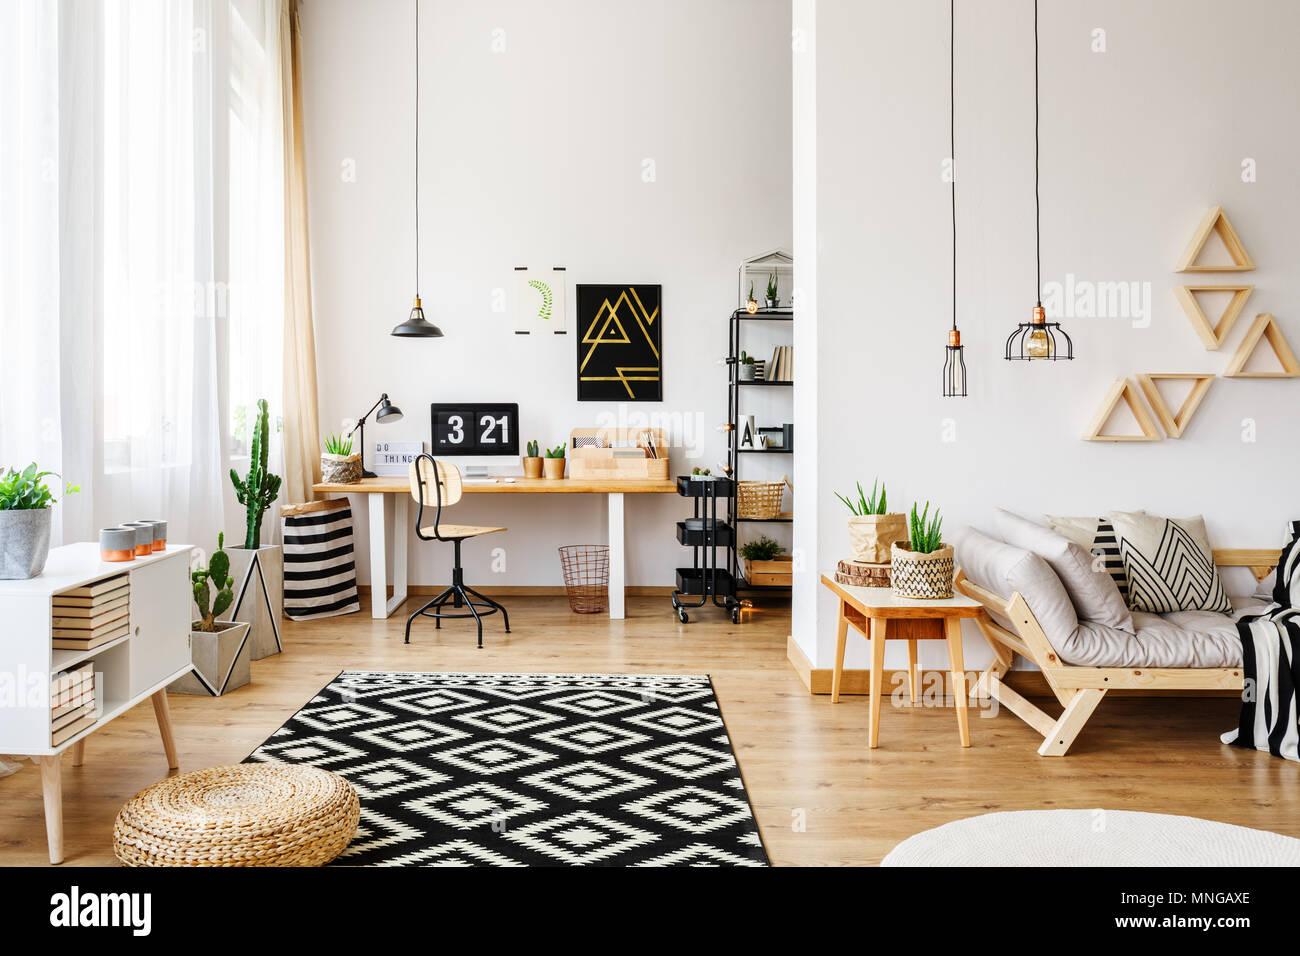 Chambre d'artisanat moderne blanc en vacances avec un design créatif, triangle étagères, lustres industriel, de meubles, tapis à motifs, Photo Stock